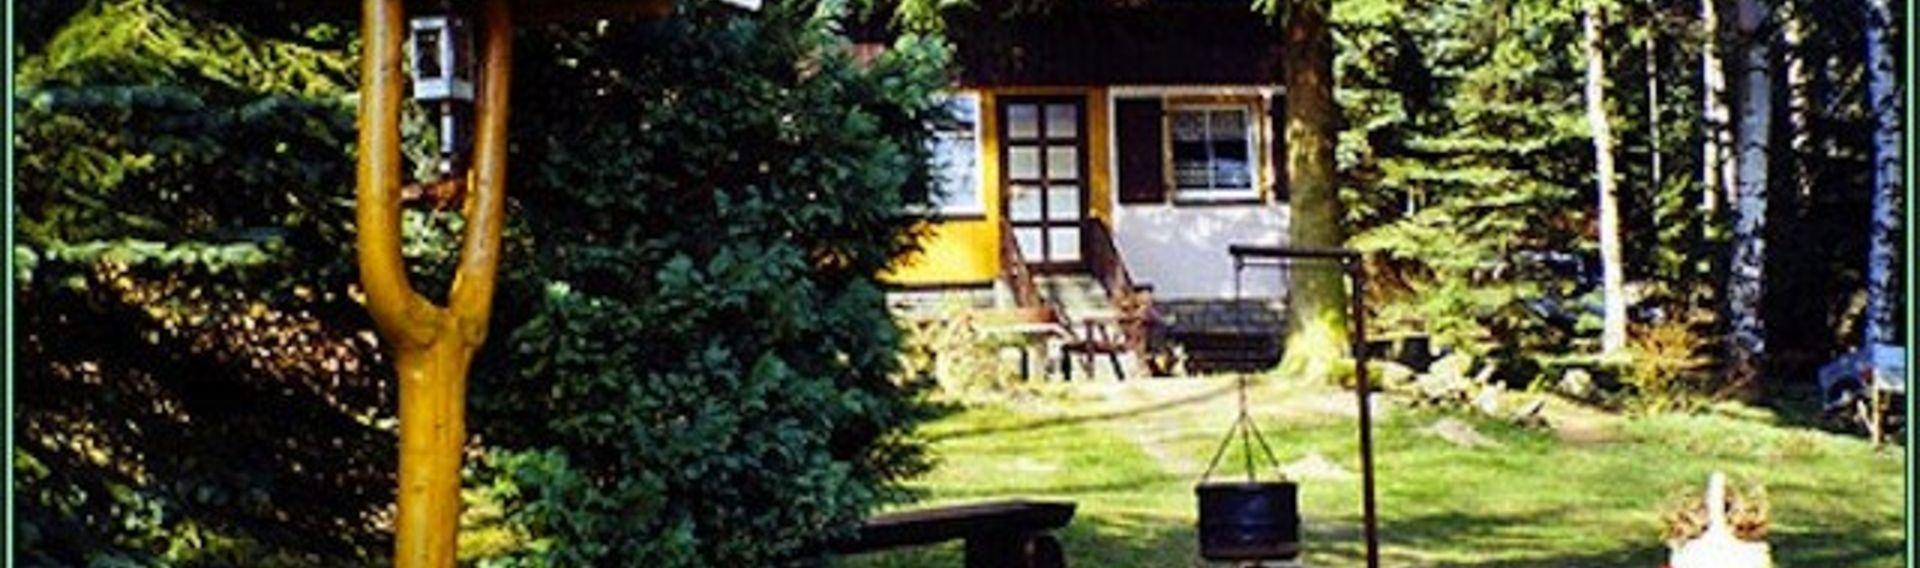 Waldferienhaus Erzgebirge, Ehrenfriedersdorf